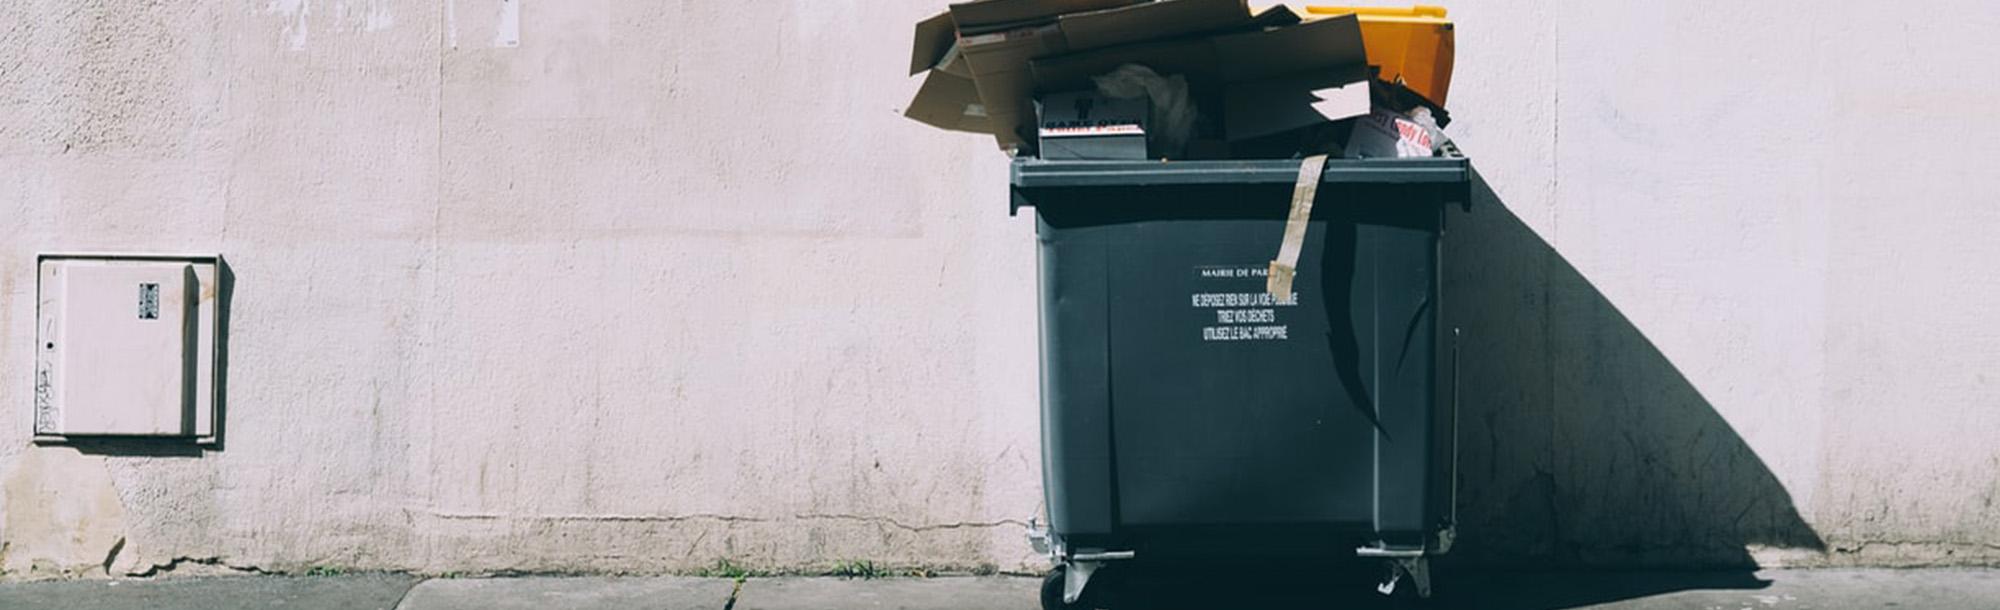 Wenn Müll intelligent wird – die Zukunft heißt Smart Waste